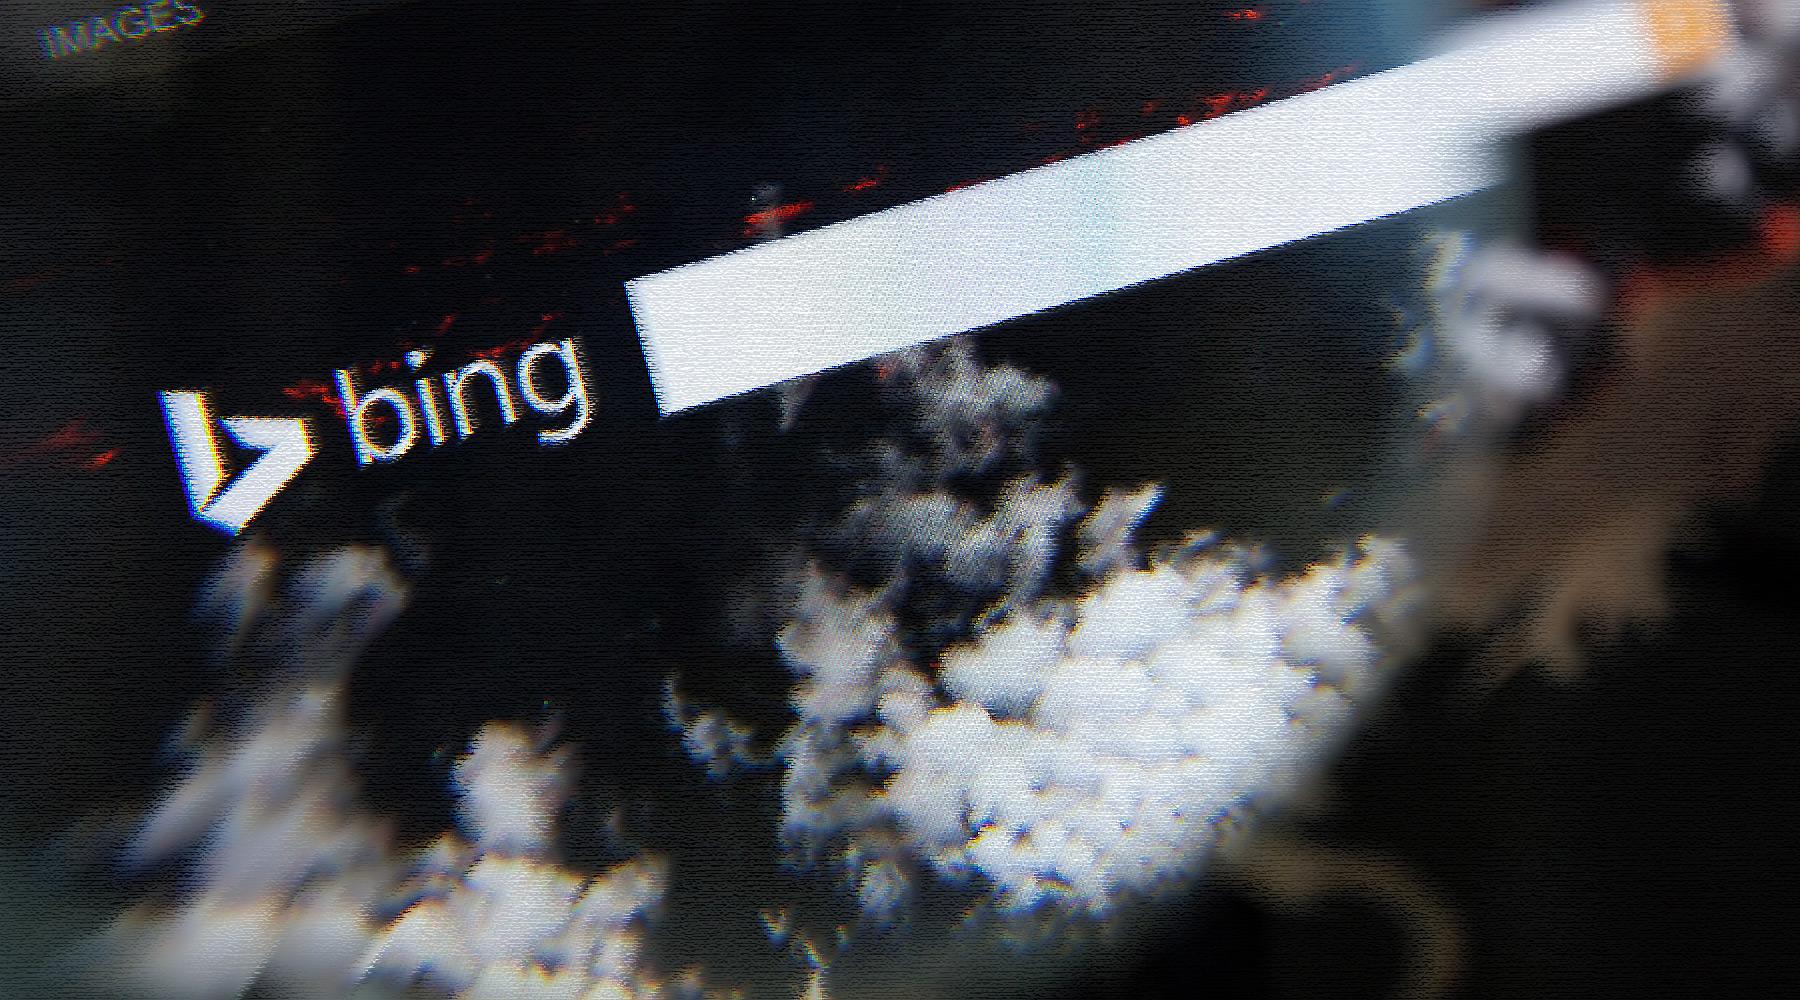 How to block Bing on Mac